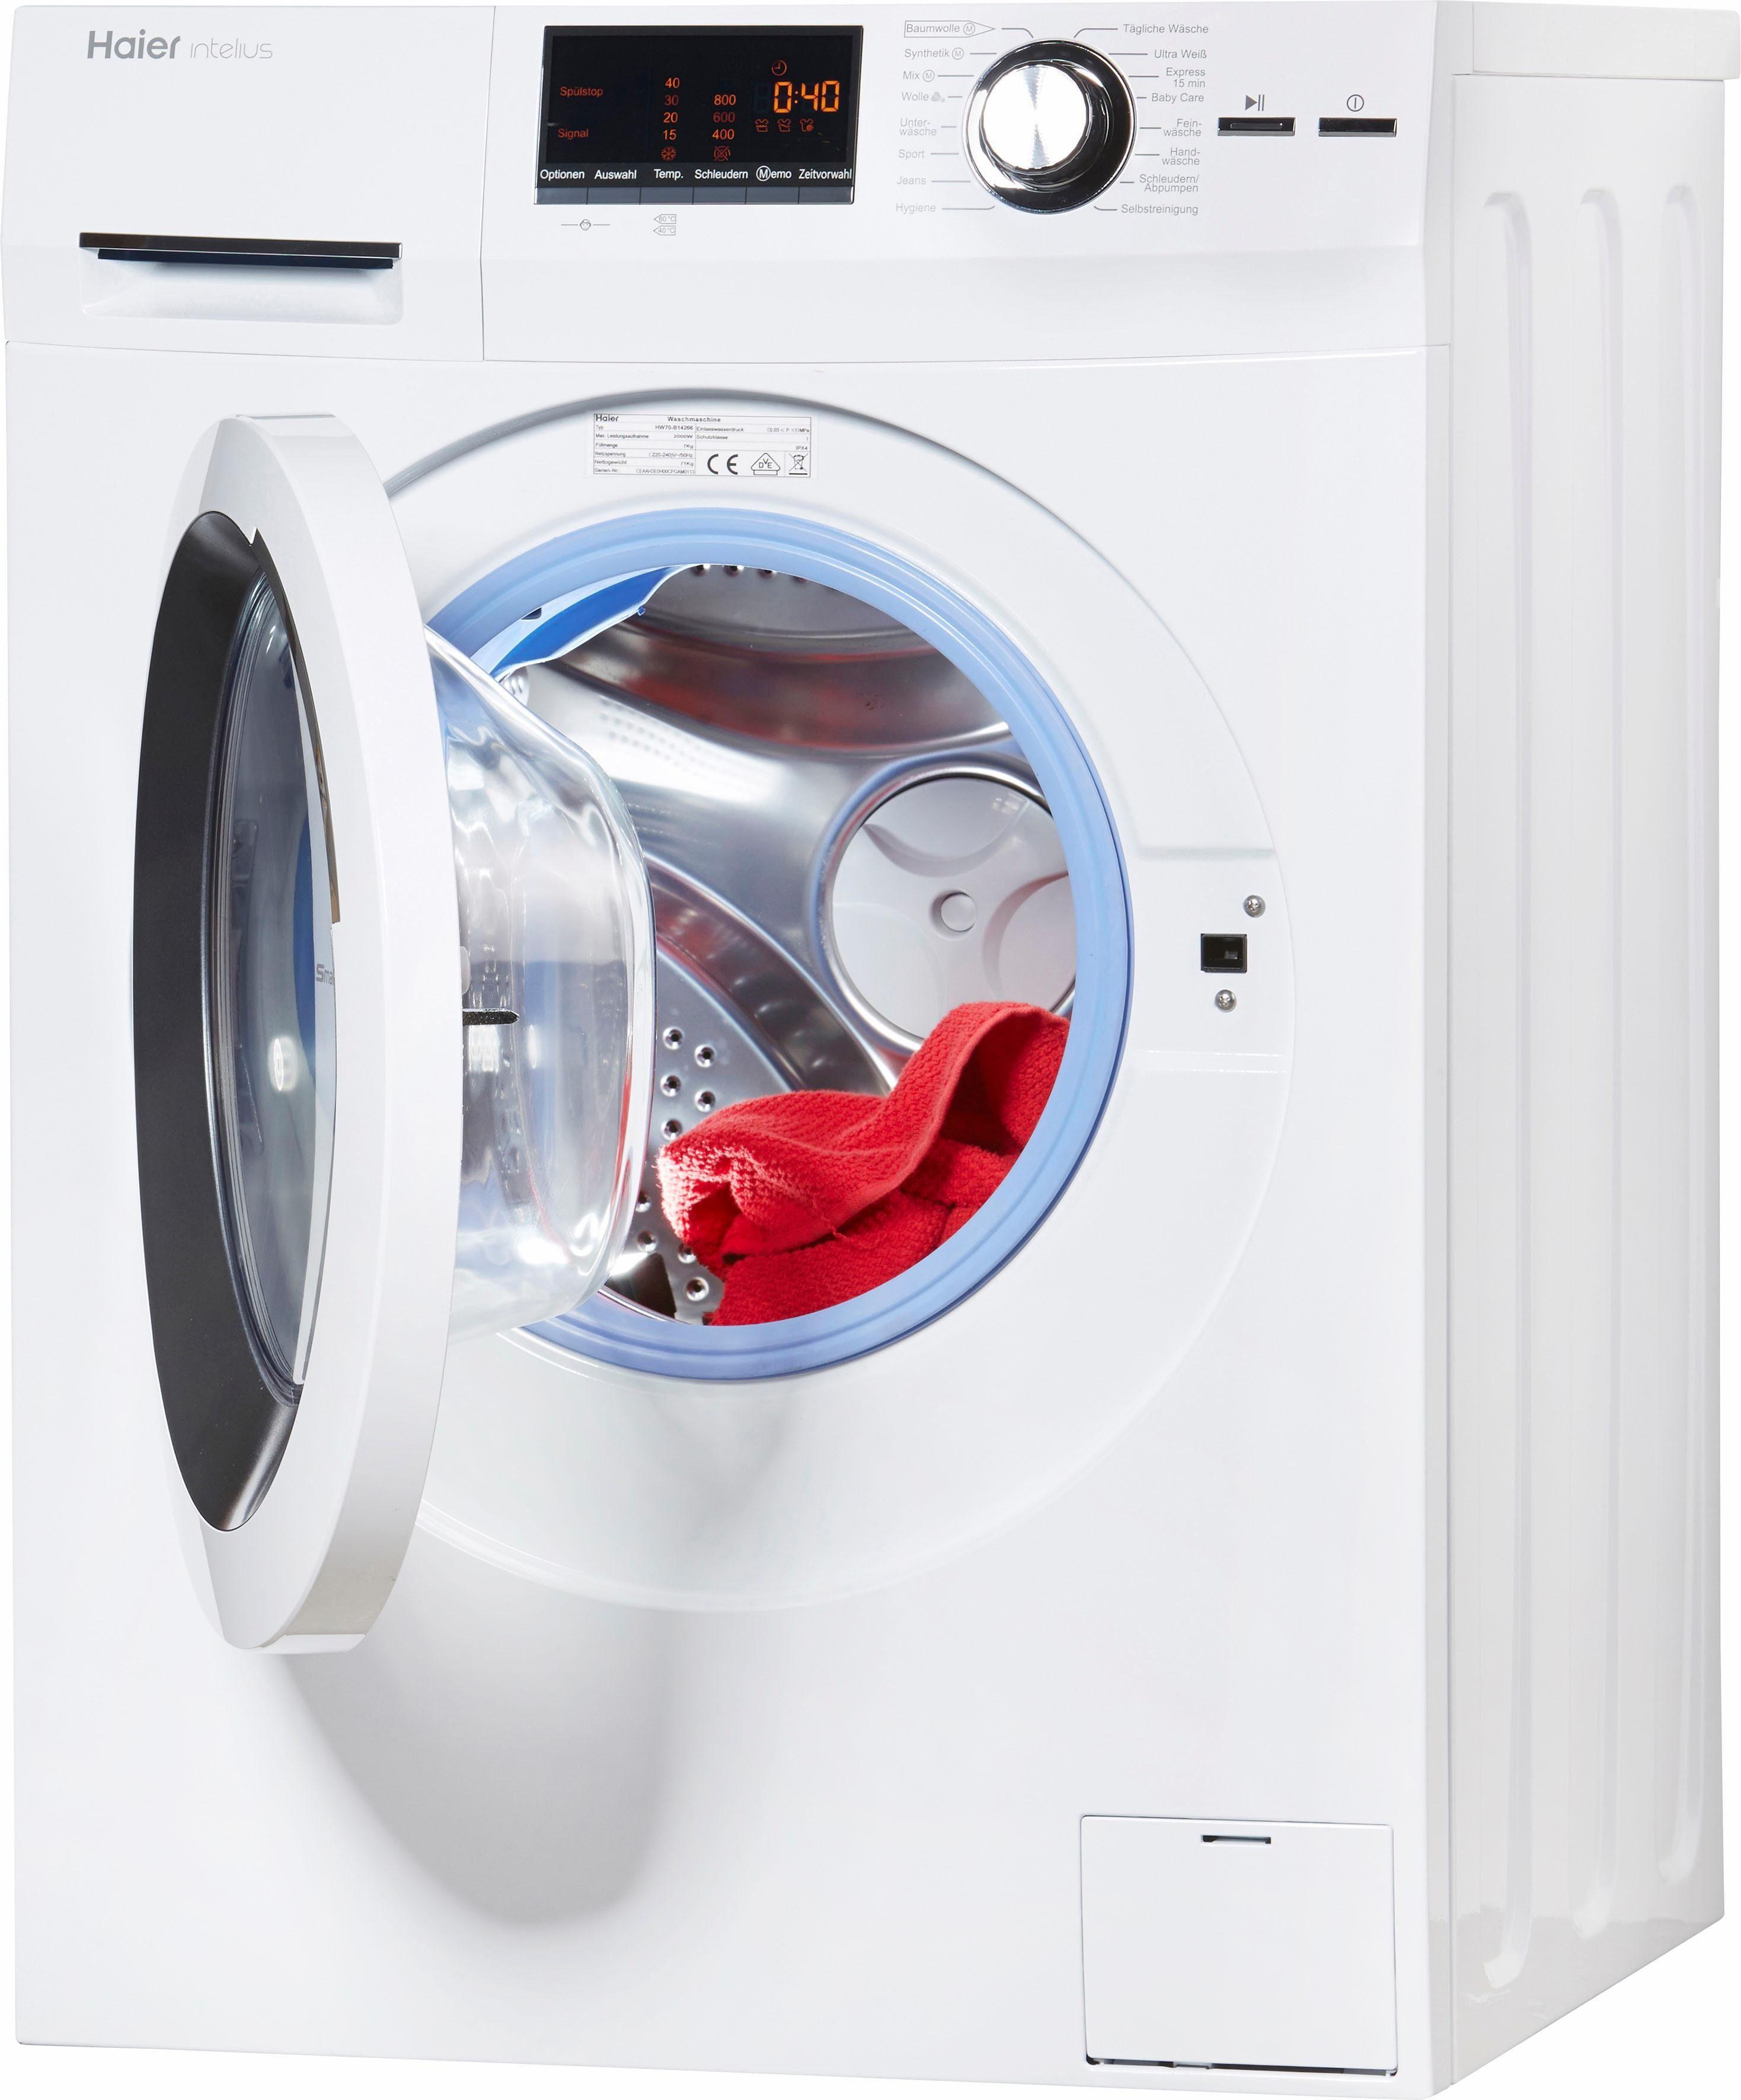 Haier Waschmaschine HW70-B14266, 7 kg, 1400 U/Min